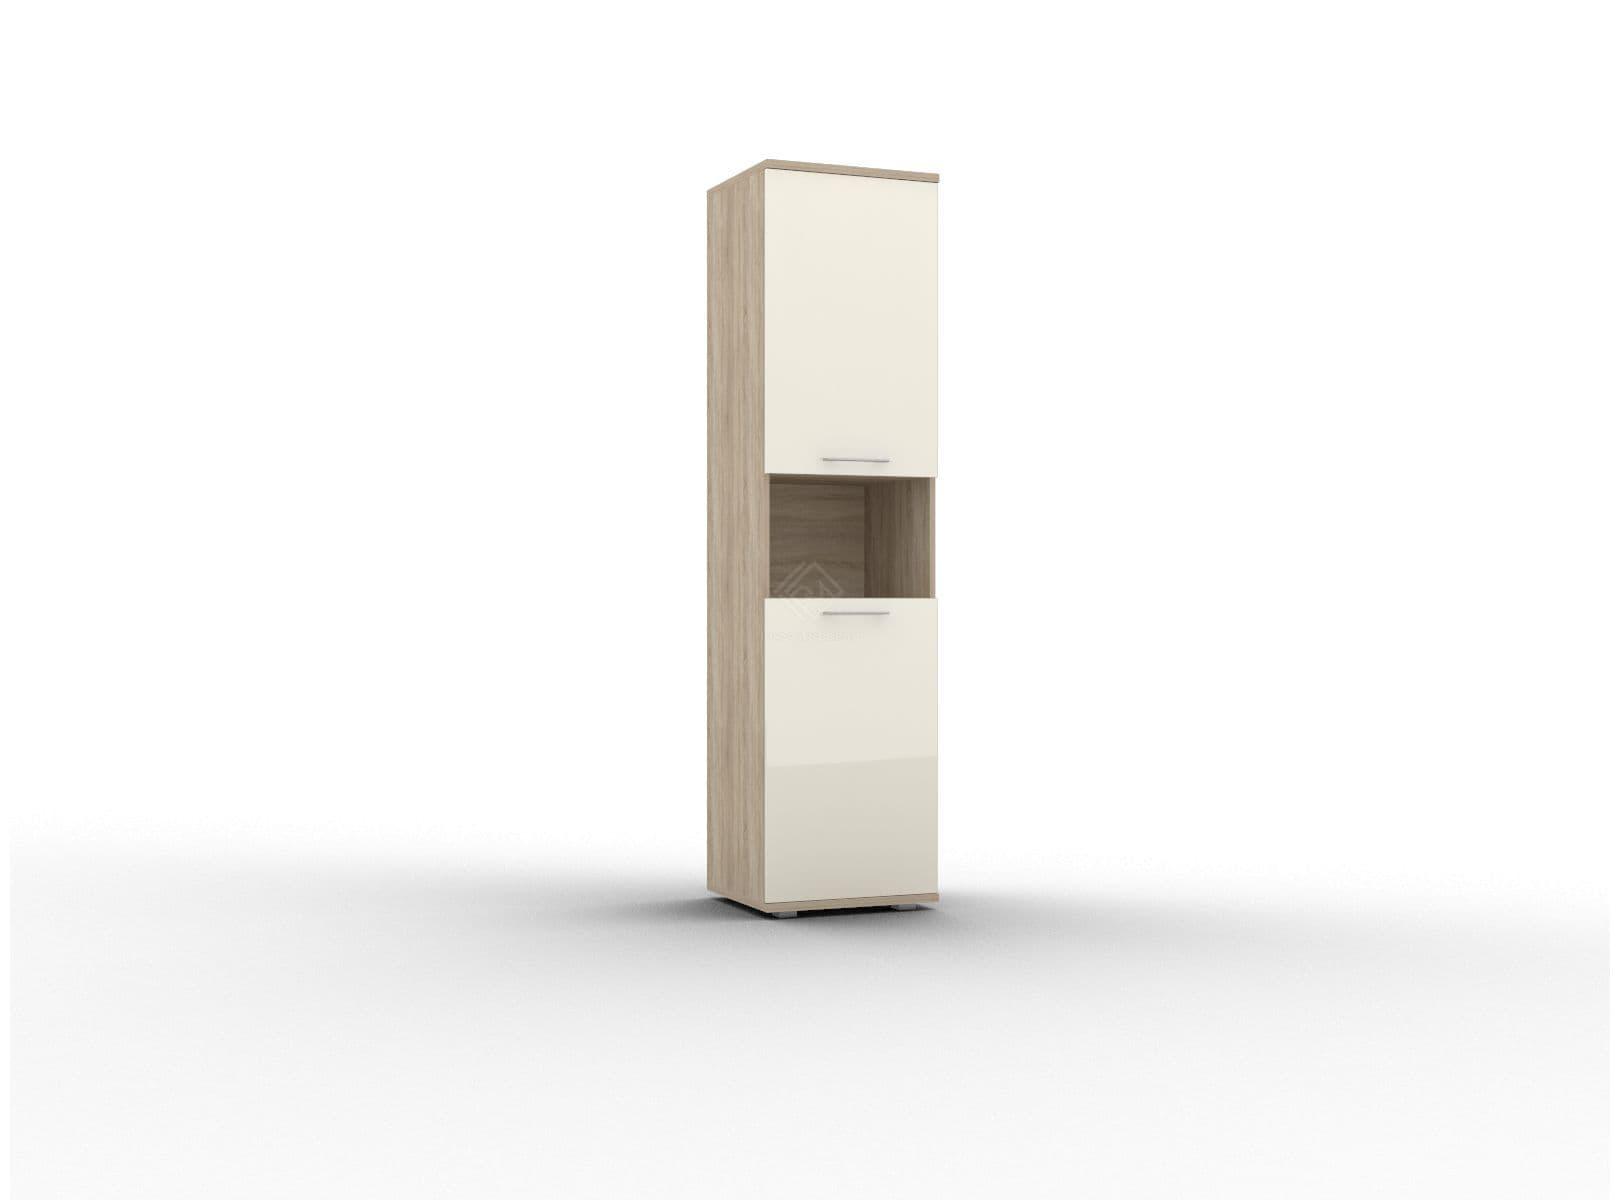 Фото - LUCIDO, Шкаф комбинированный с нишей ШК-02 мдф дуб сонома/тон крем (№2)